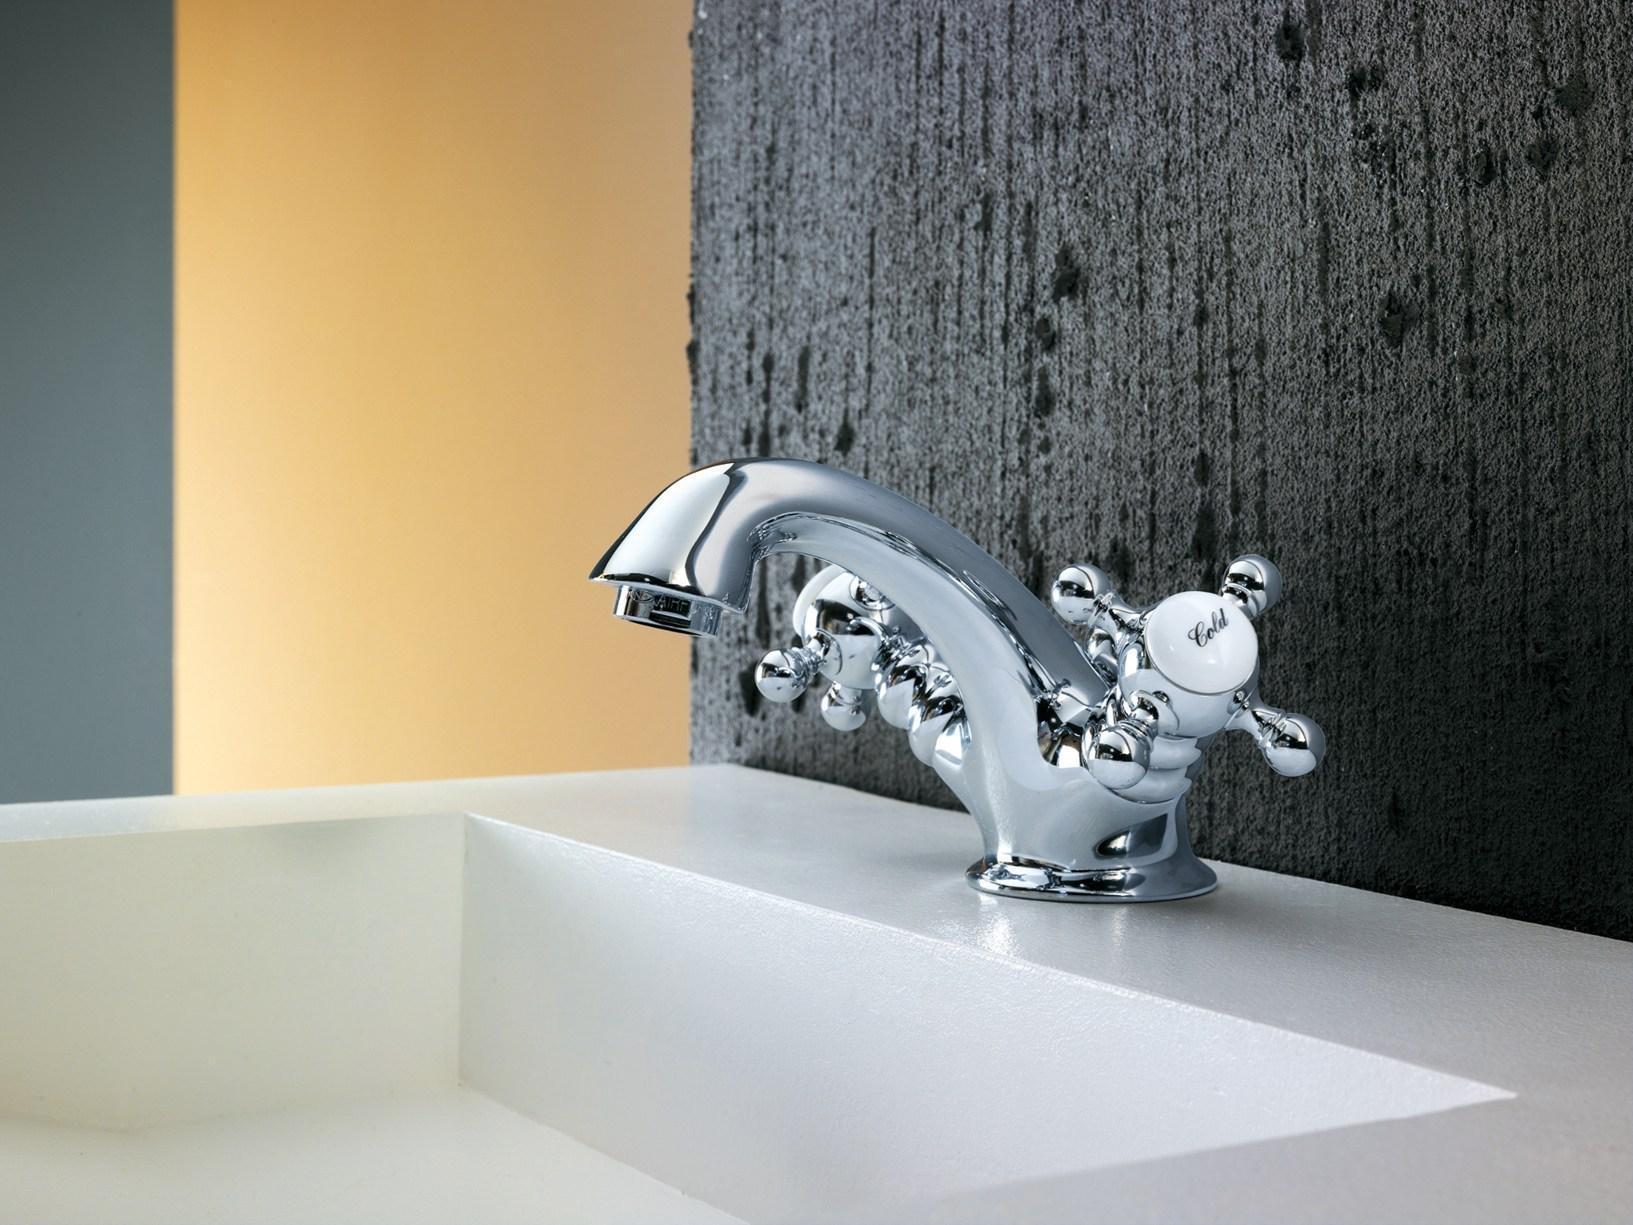 Rubinetterie gattoni accessori arredo bagno biancavilla - Rubinetteria bagno gattoni ...